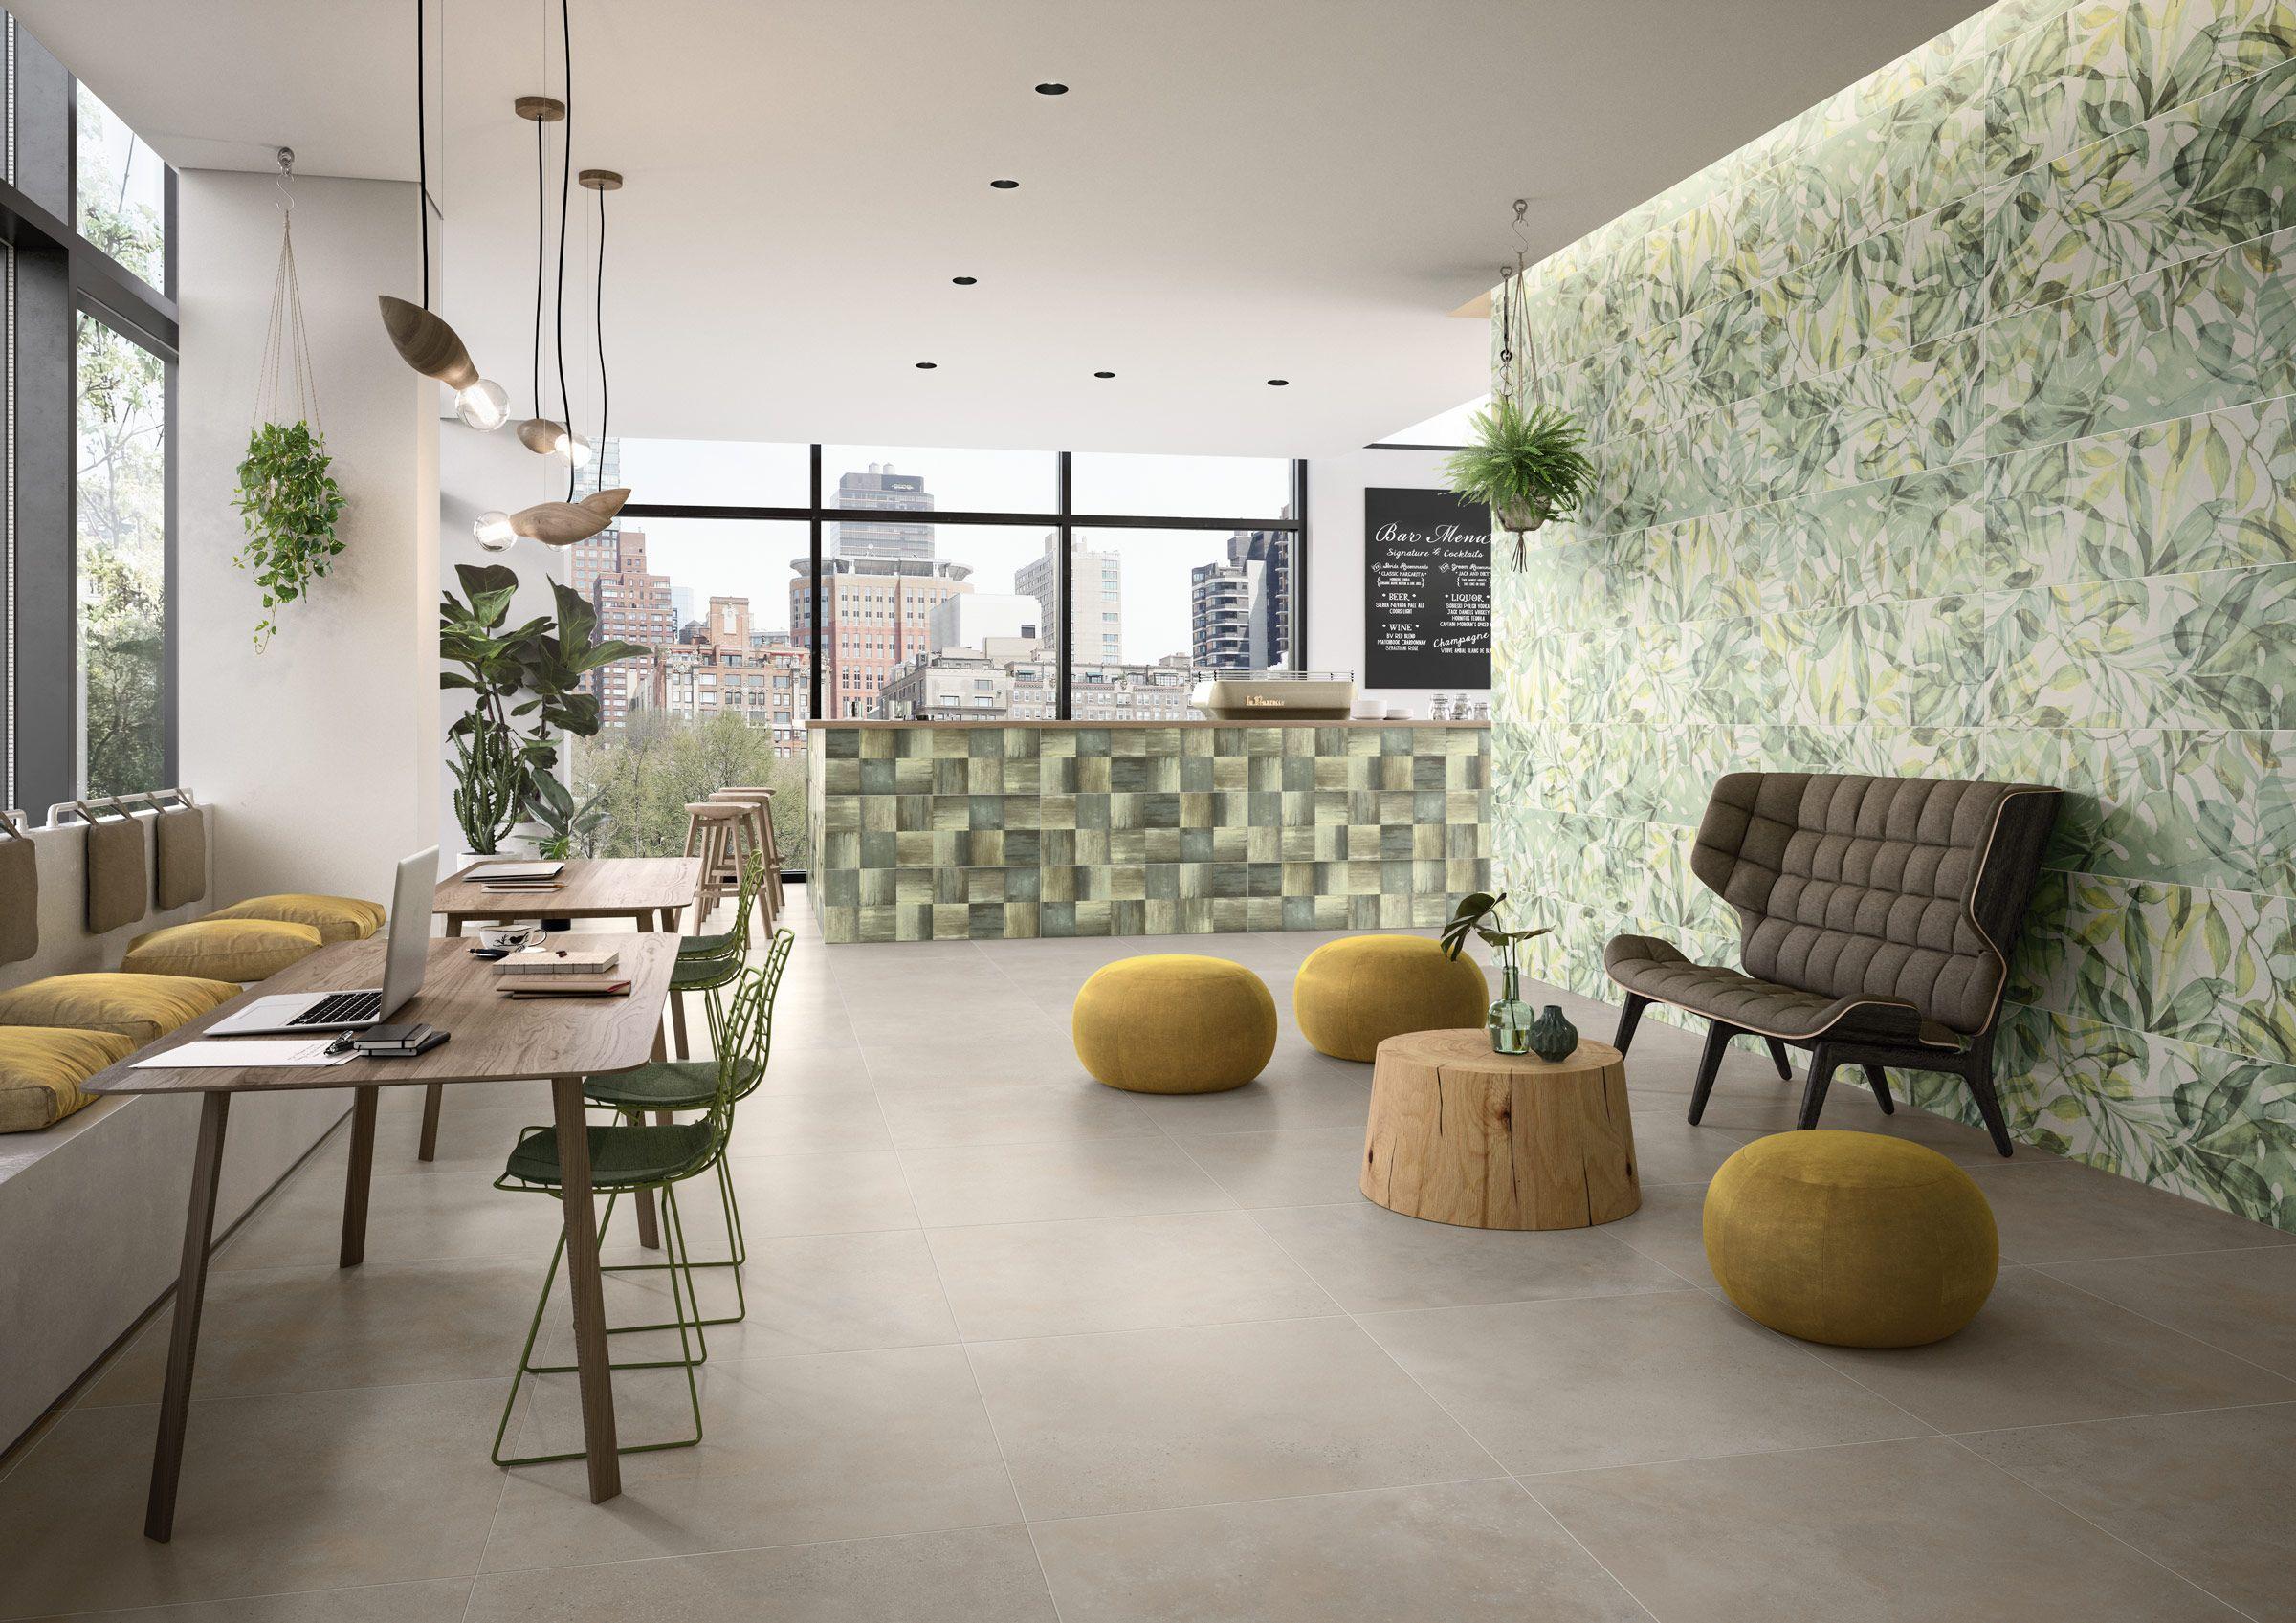 internetcafé in 2020 | esszimmer dekor ideen, wohnheimzimmer